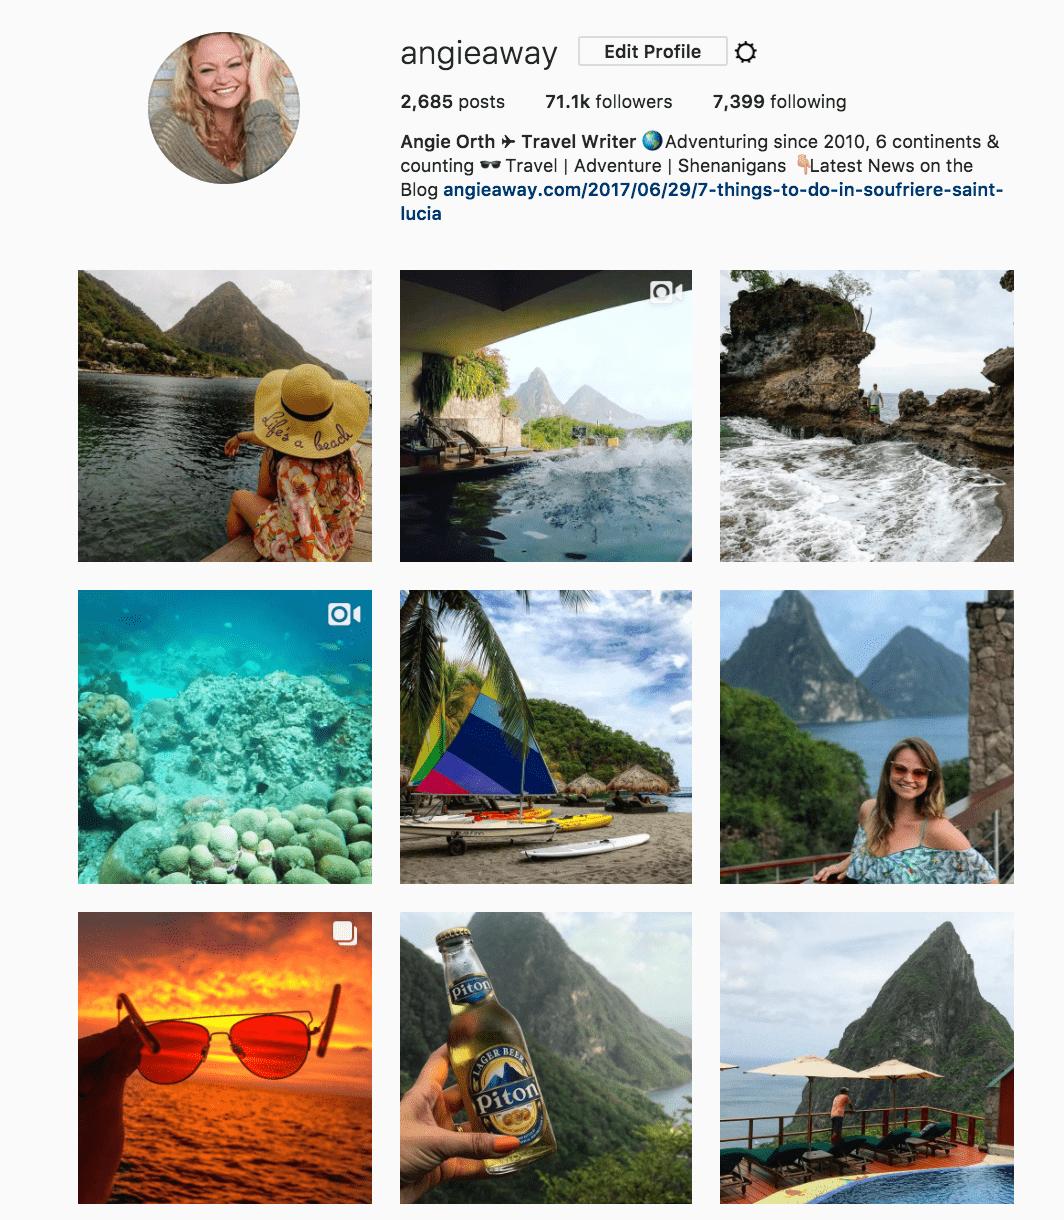 Angie Away Instagram